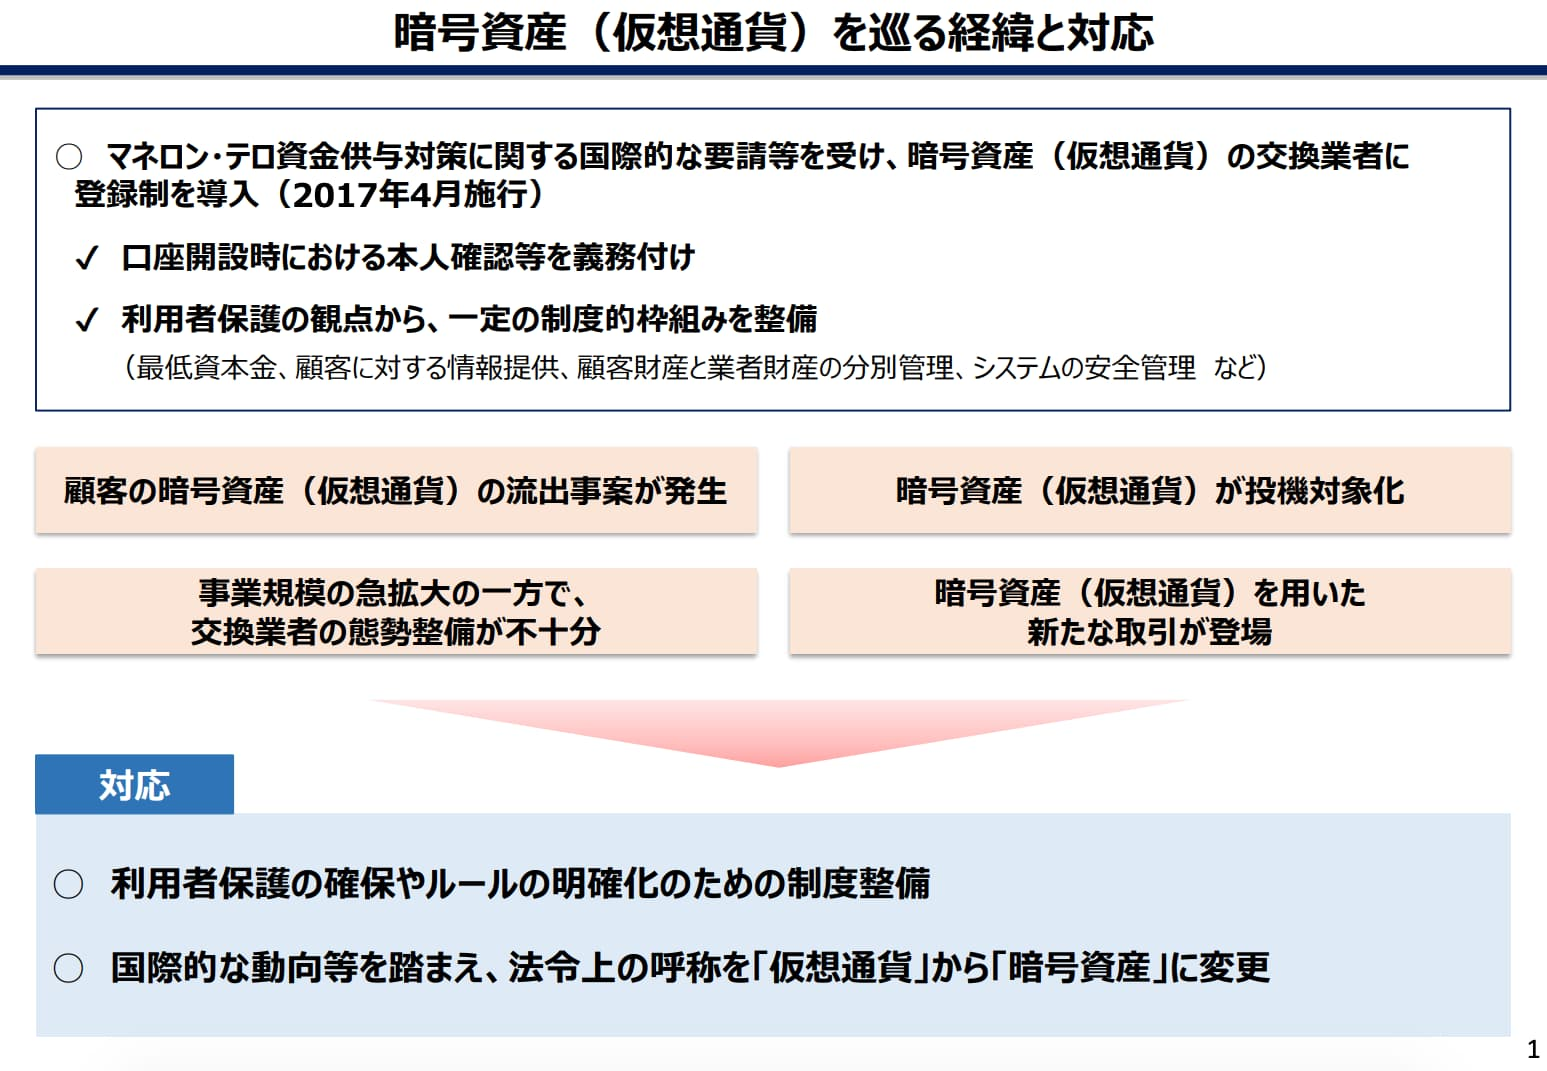 改正資金決済法の概要説明資料2